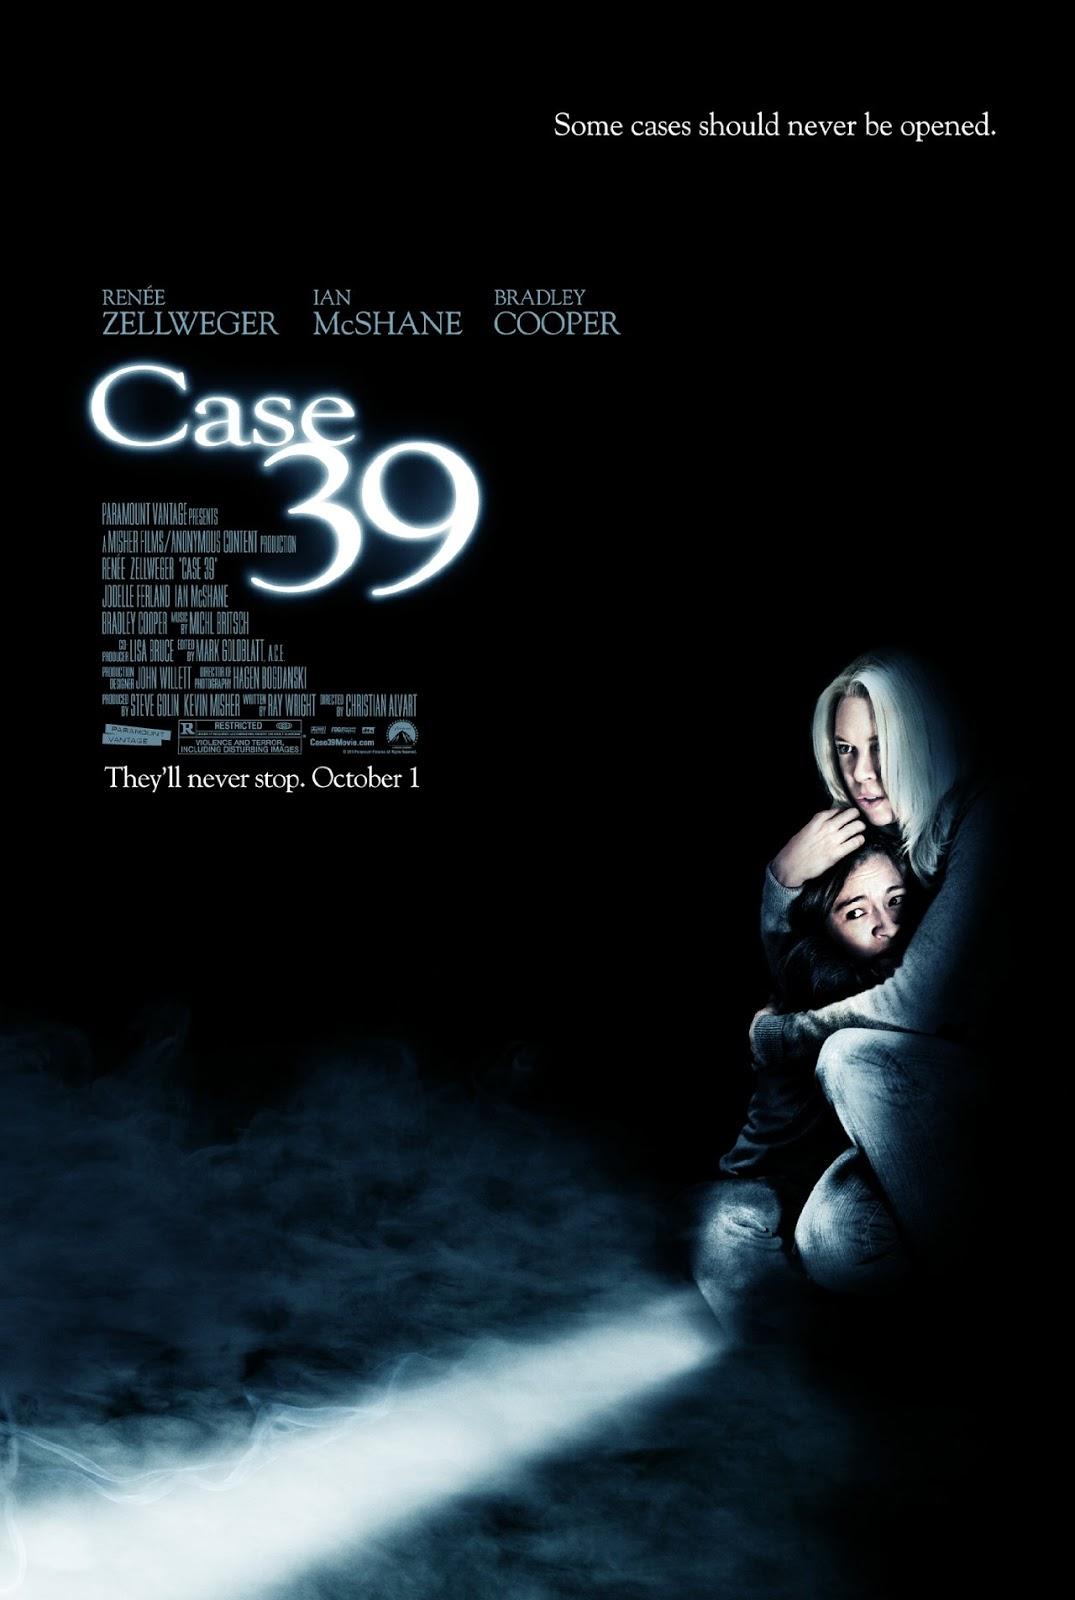 Case 39 เคส 39 คดีสยองขวัญหลอนจากนรก [HD][พากย์ไทย]